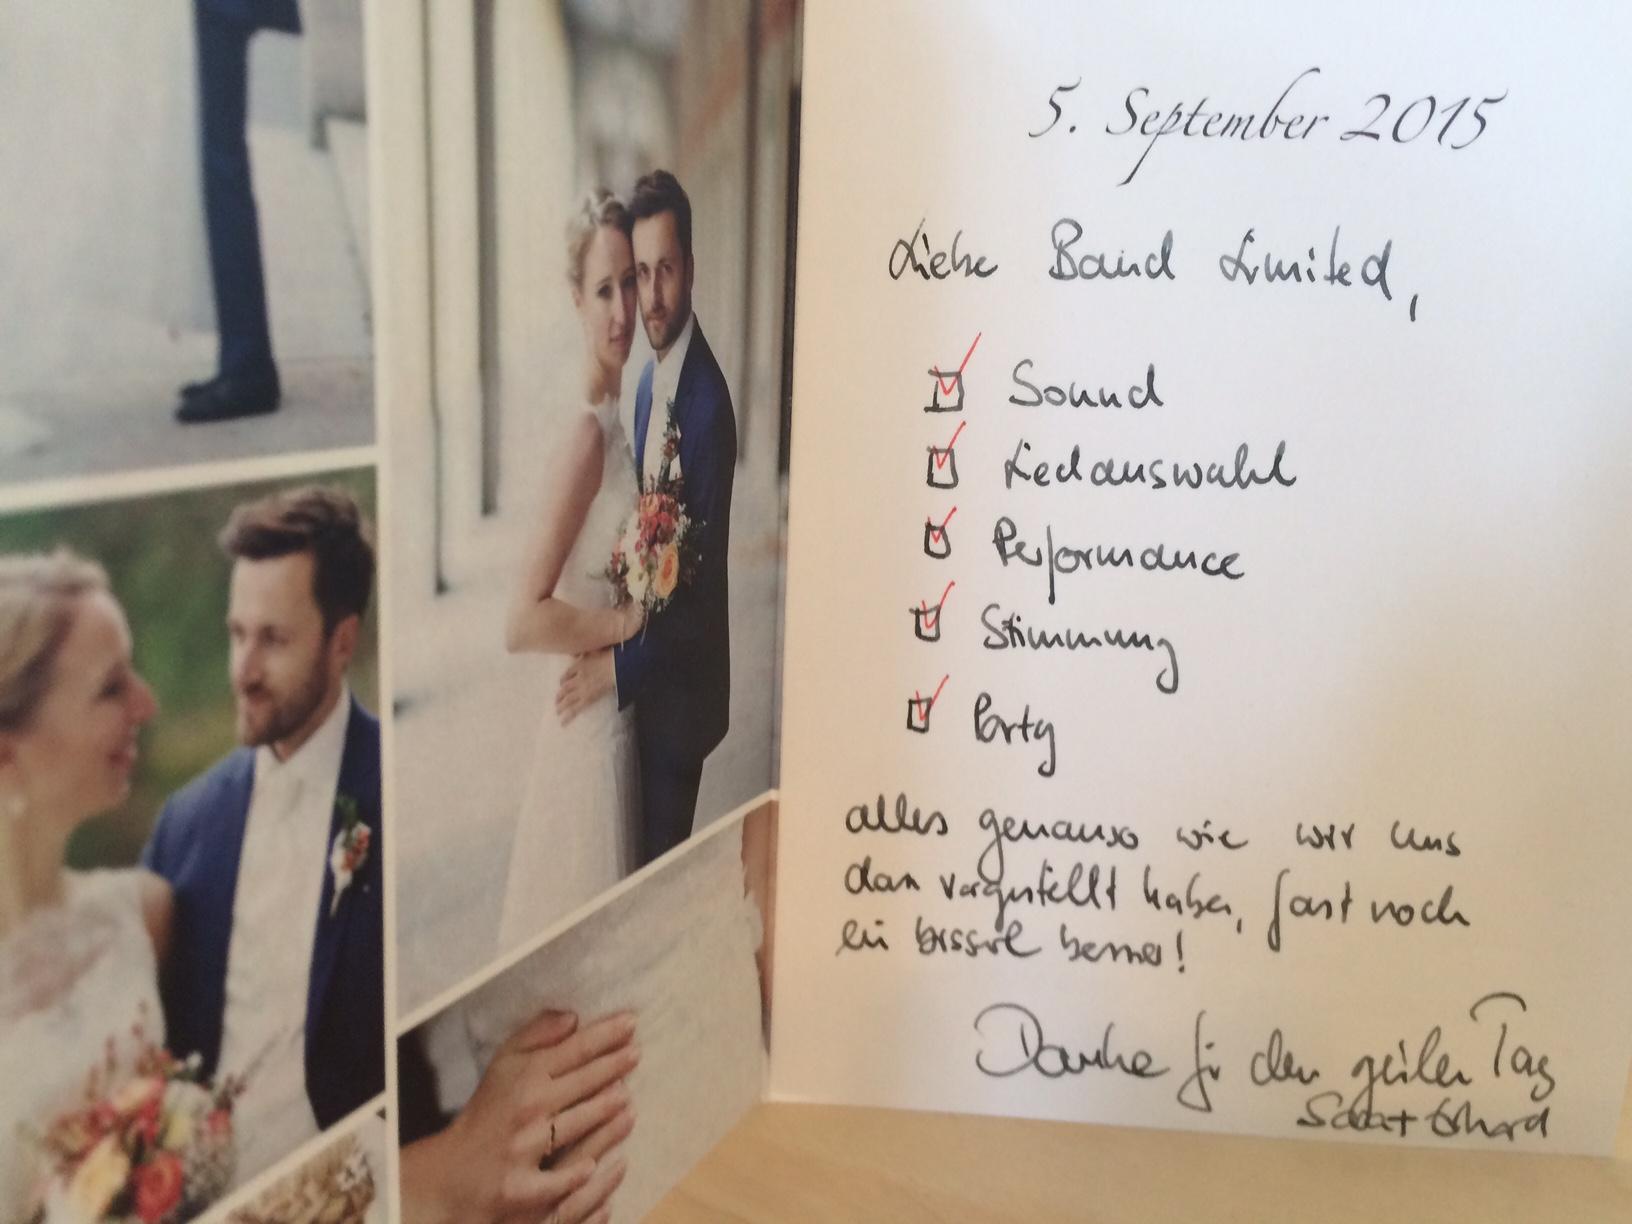 Hochzeit in Schalkham Johannesbrunn Sebastianihof Landshut Niederbayern